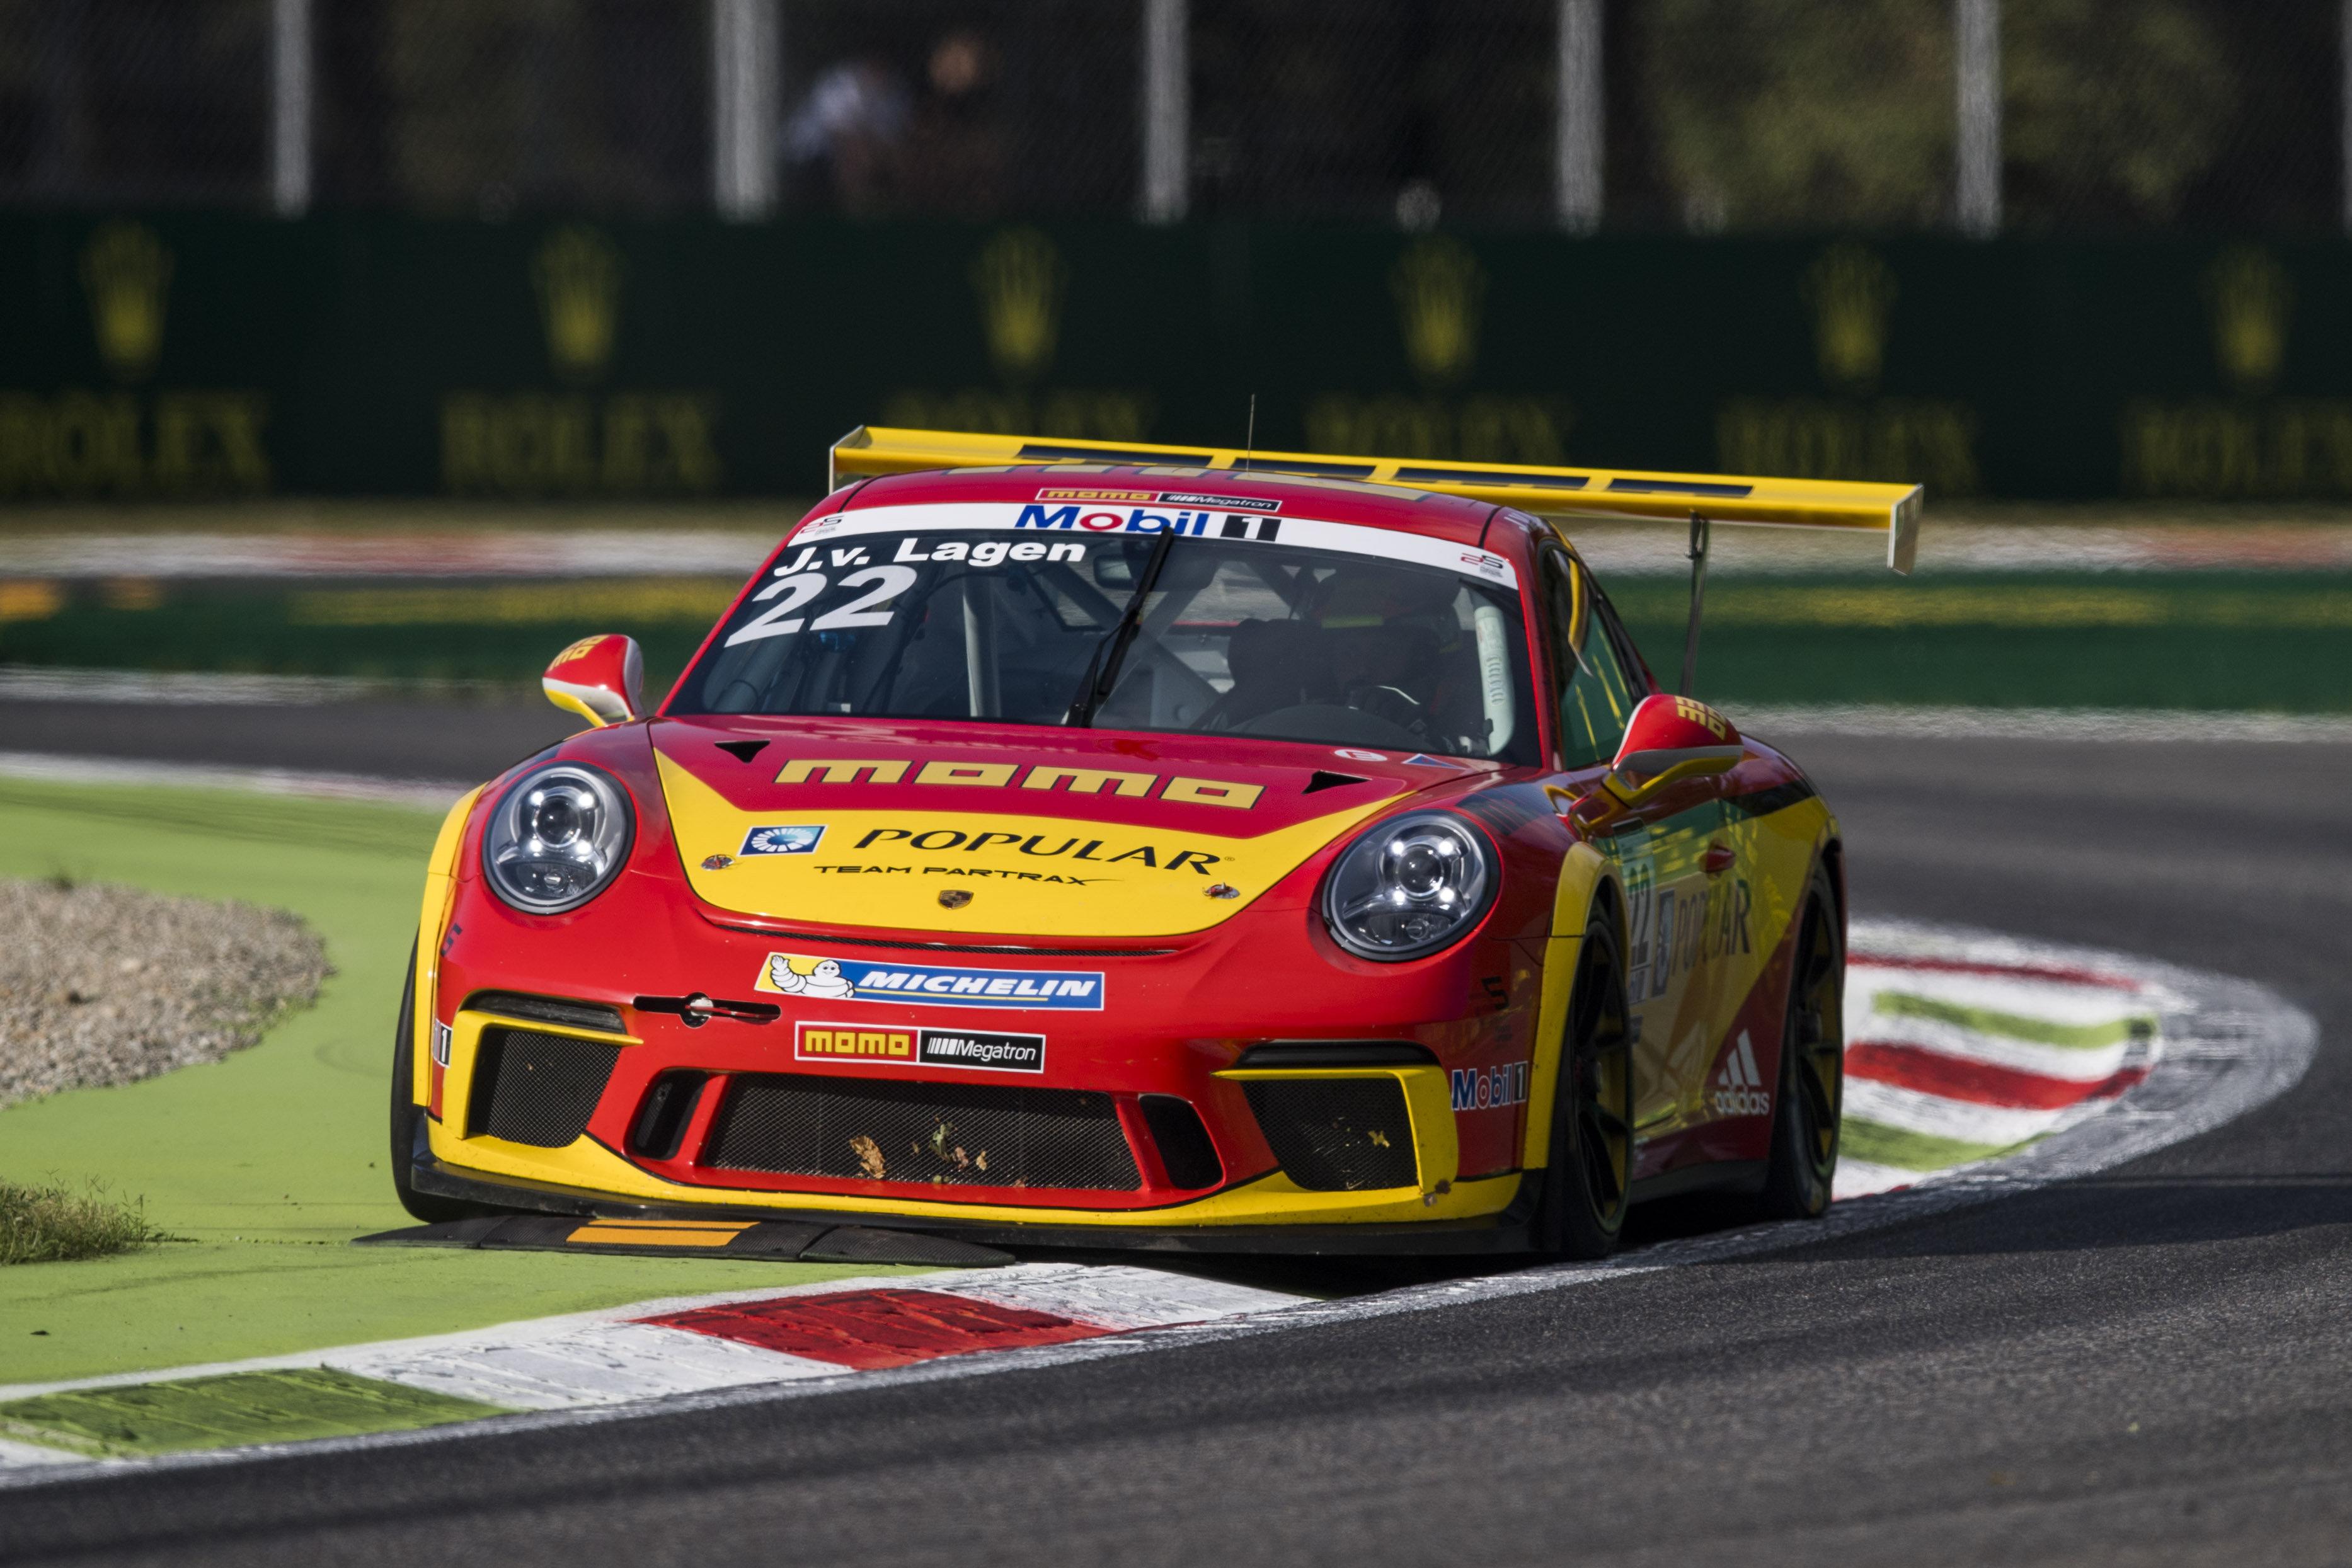 Porsche Mobil 1 Supercup Monza 2017 #22 Jaap Van Lagen (NLD, MOMO-Megatron Team Partrax)